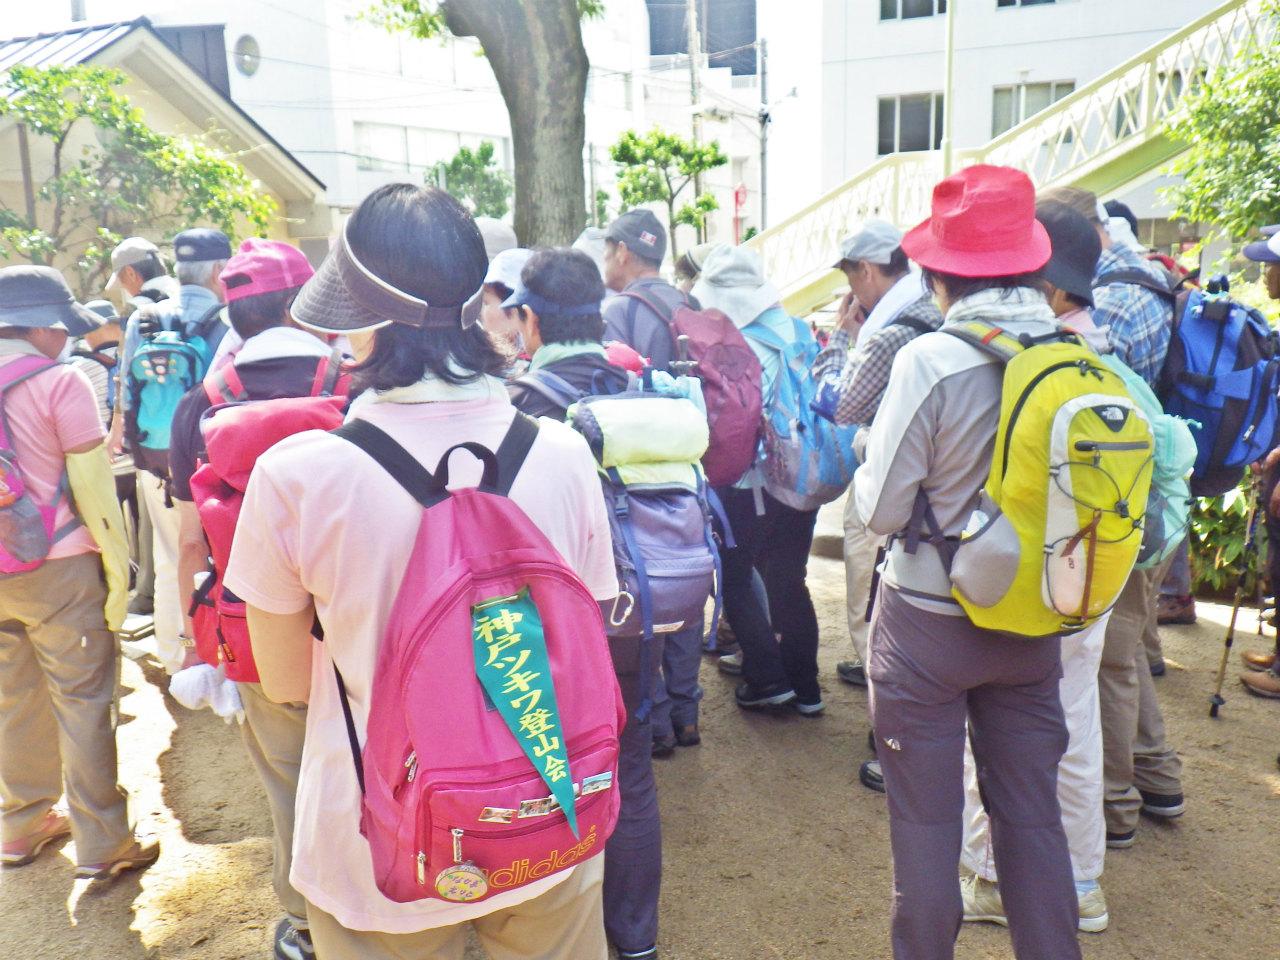 04b 諏訪山公園を出る